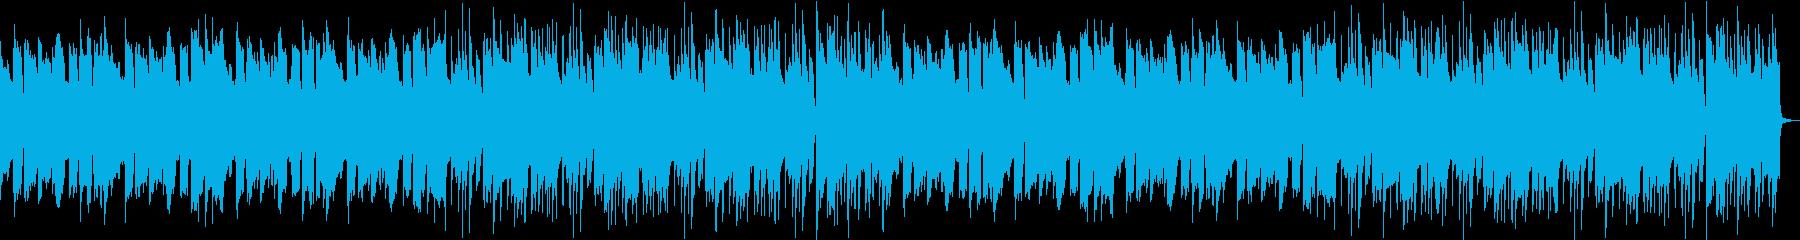 夏休みっぽいほのぼのBGMの再生済みの波形